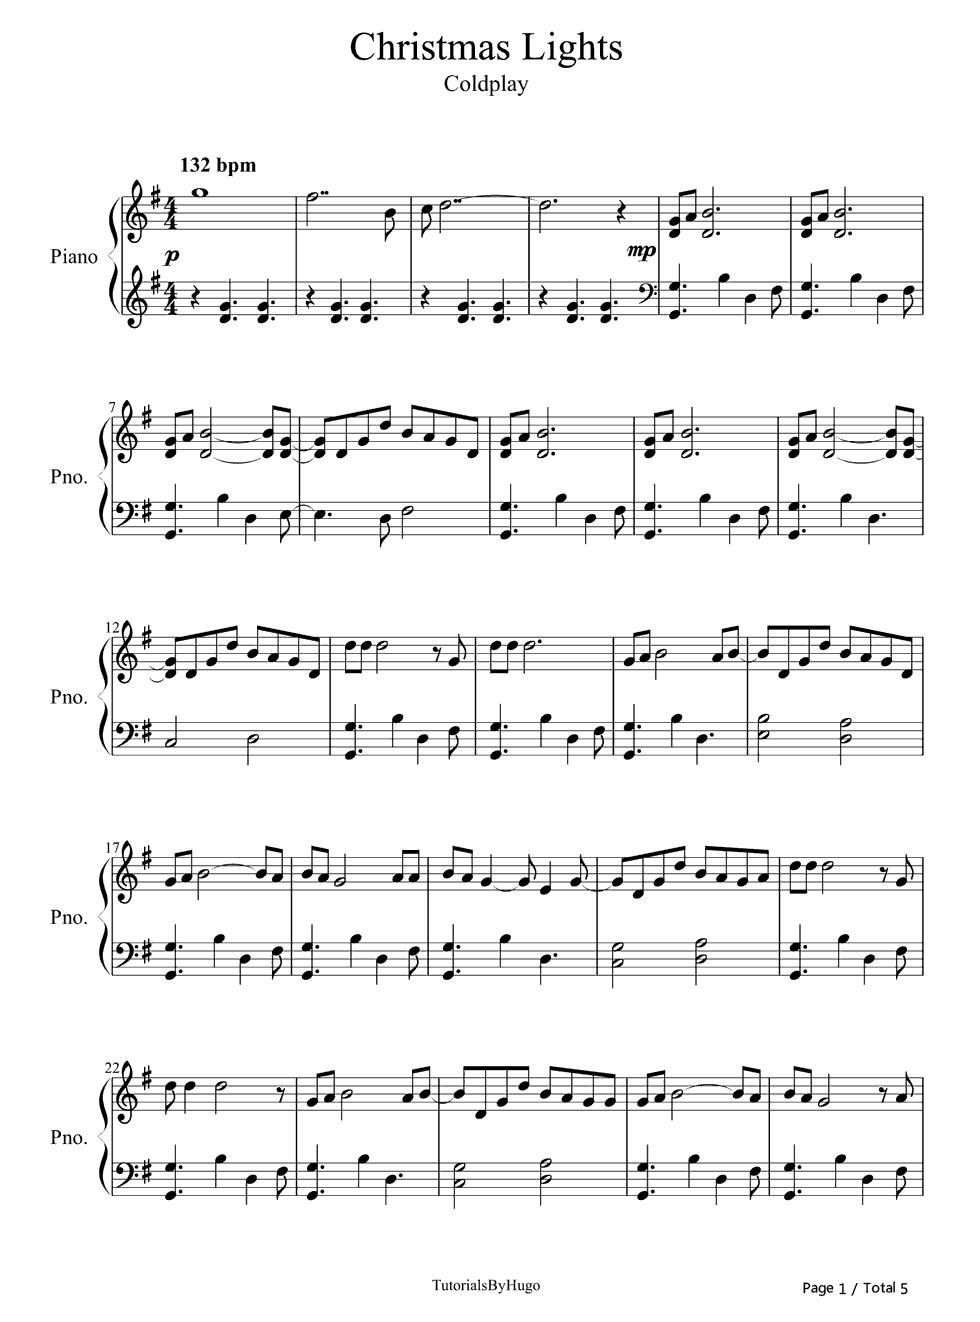 istmas Lights Coldplay演唱 钢琴谱